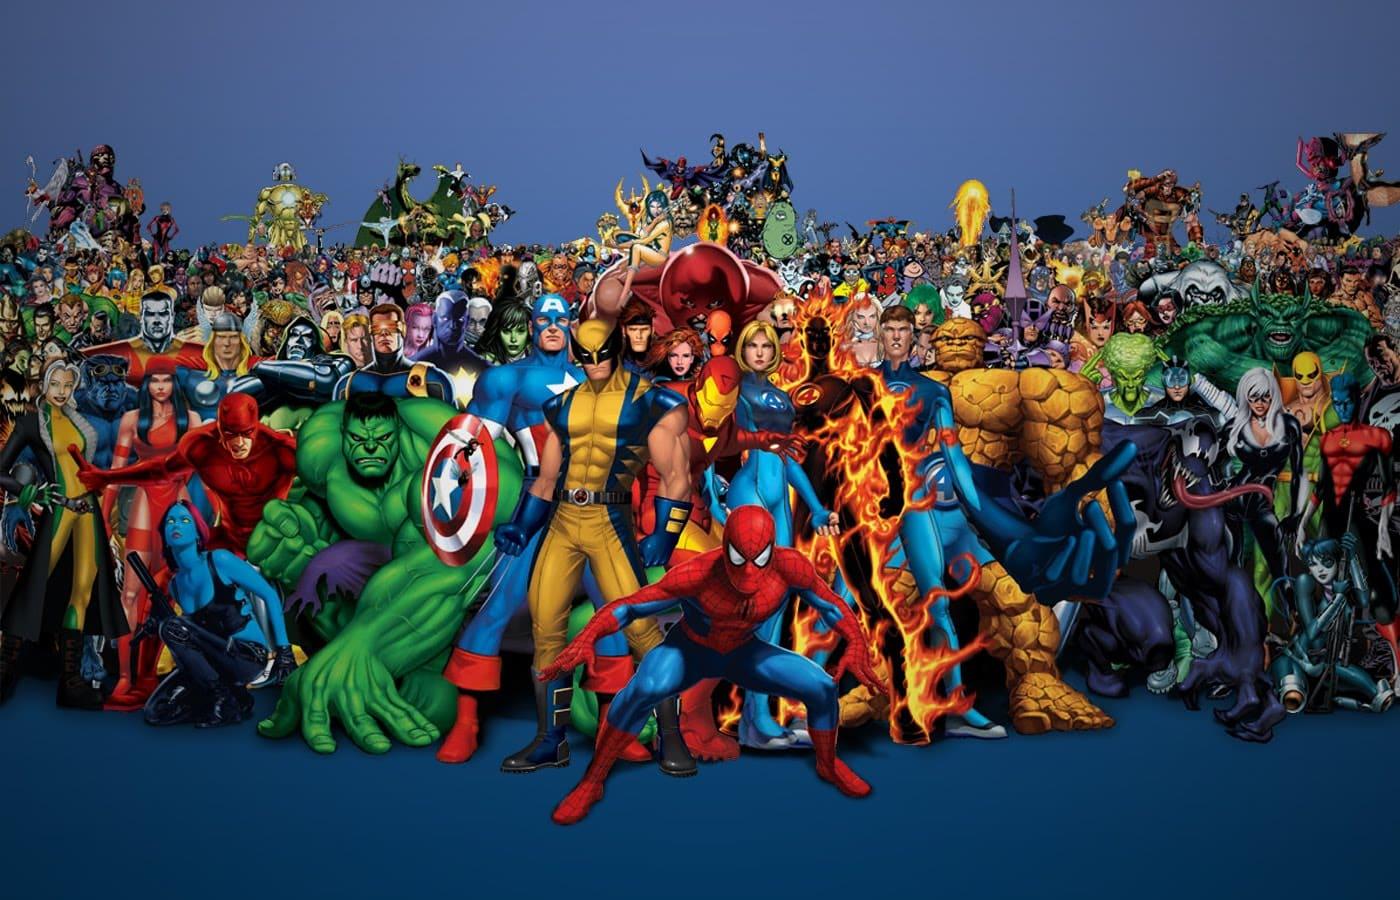 Magnificent-Marvel-Wallpaper